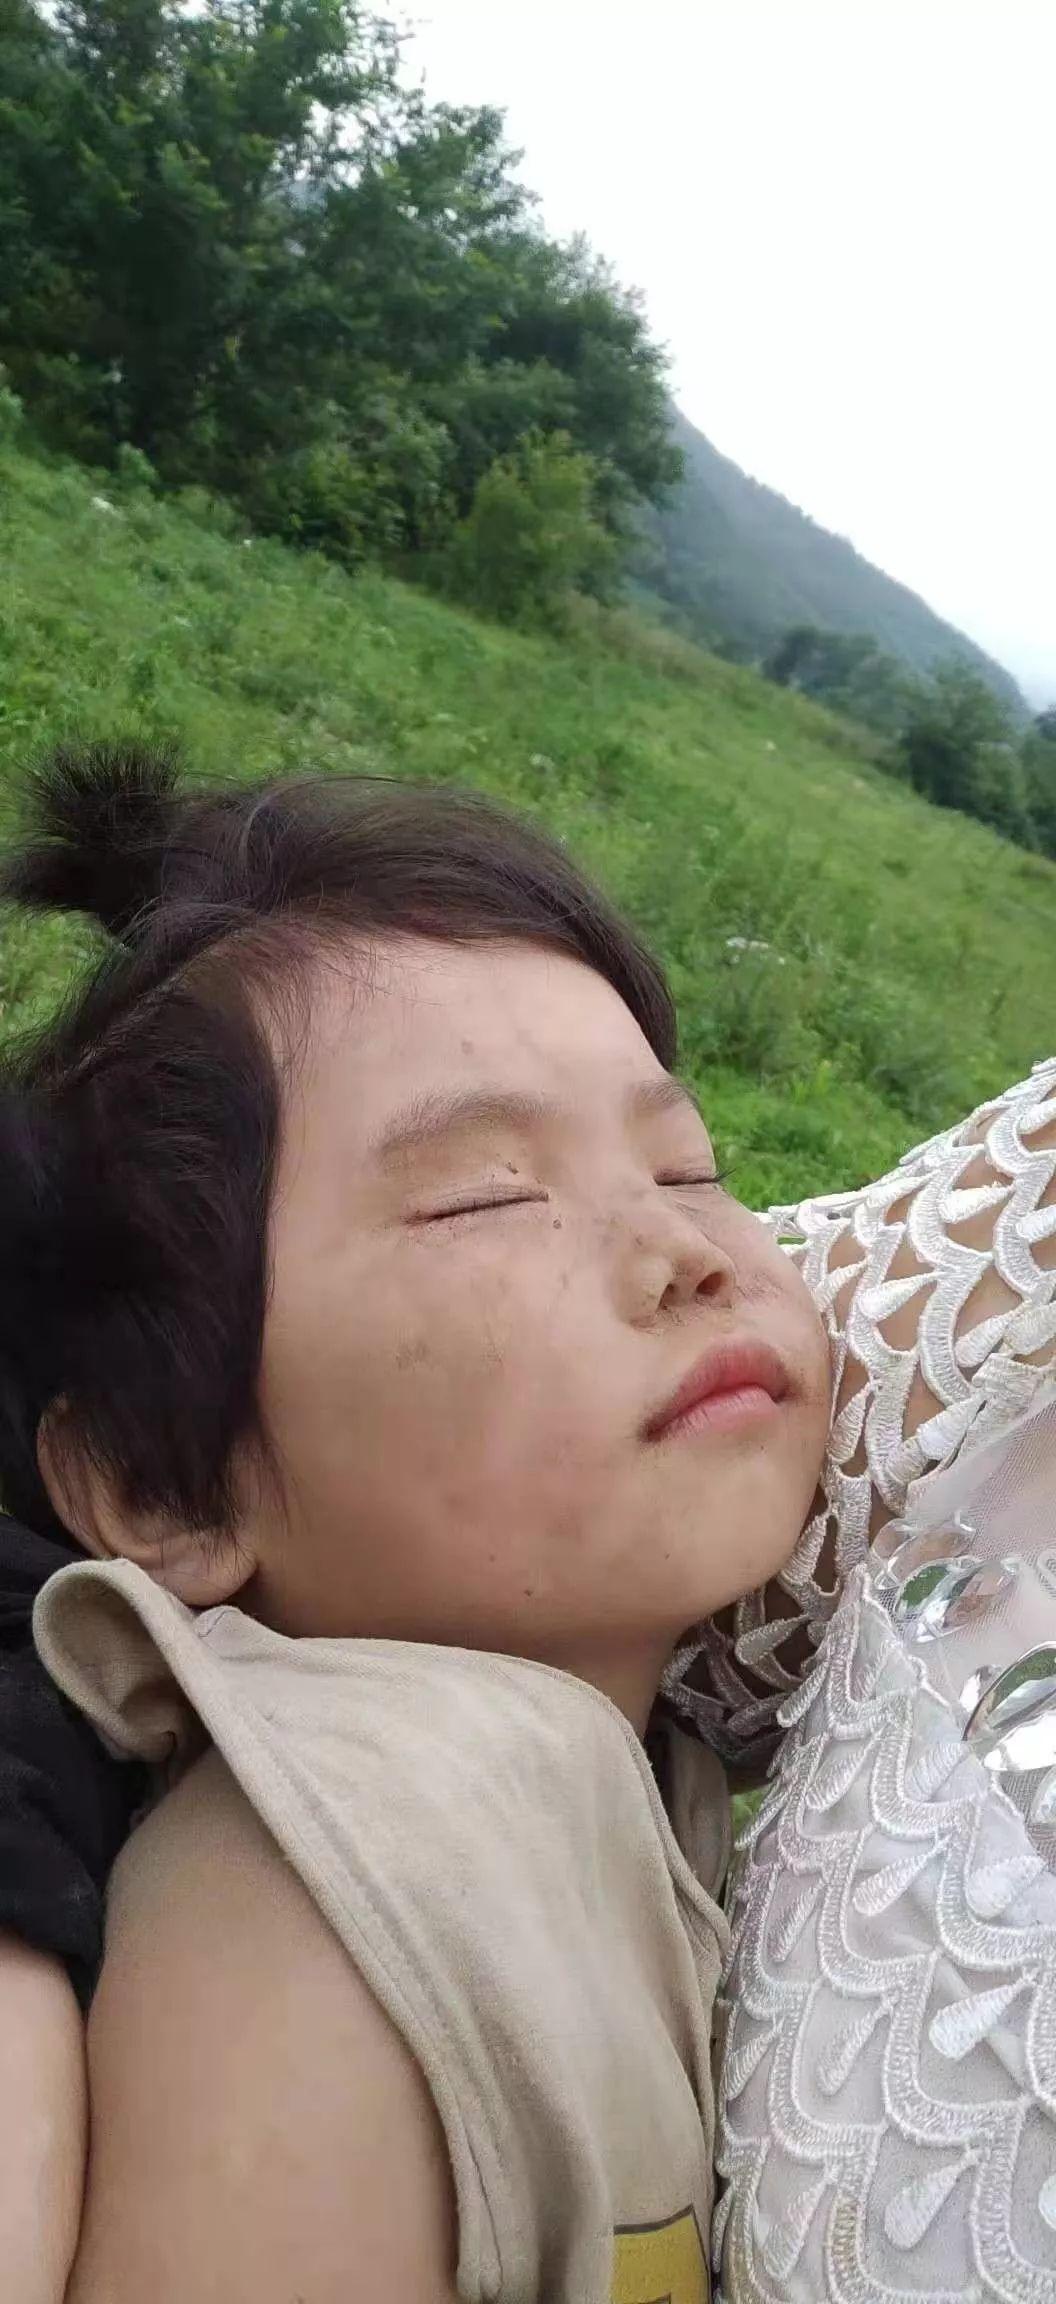 鞍山走失3岁女童找到了!今晨被人发现在玉米地里…